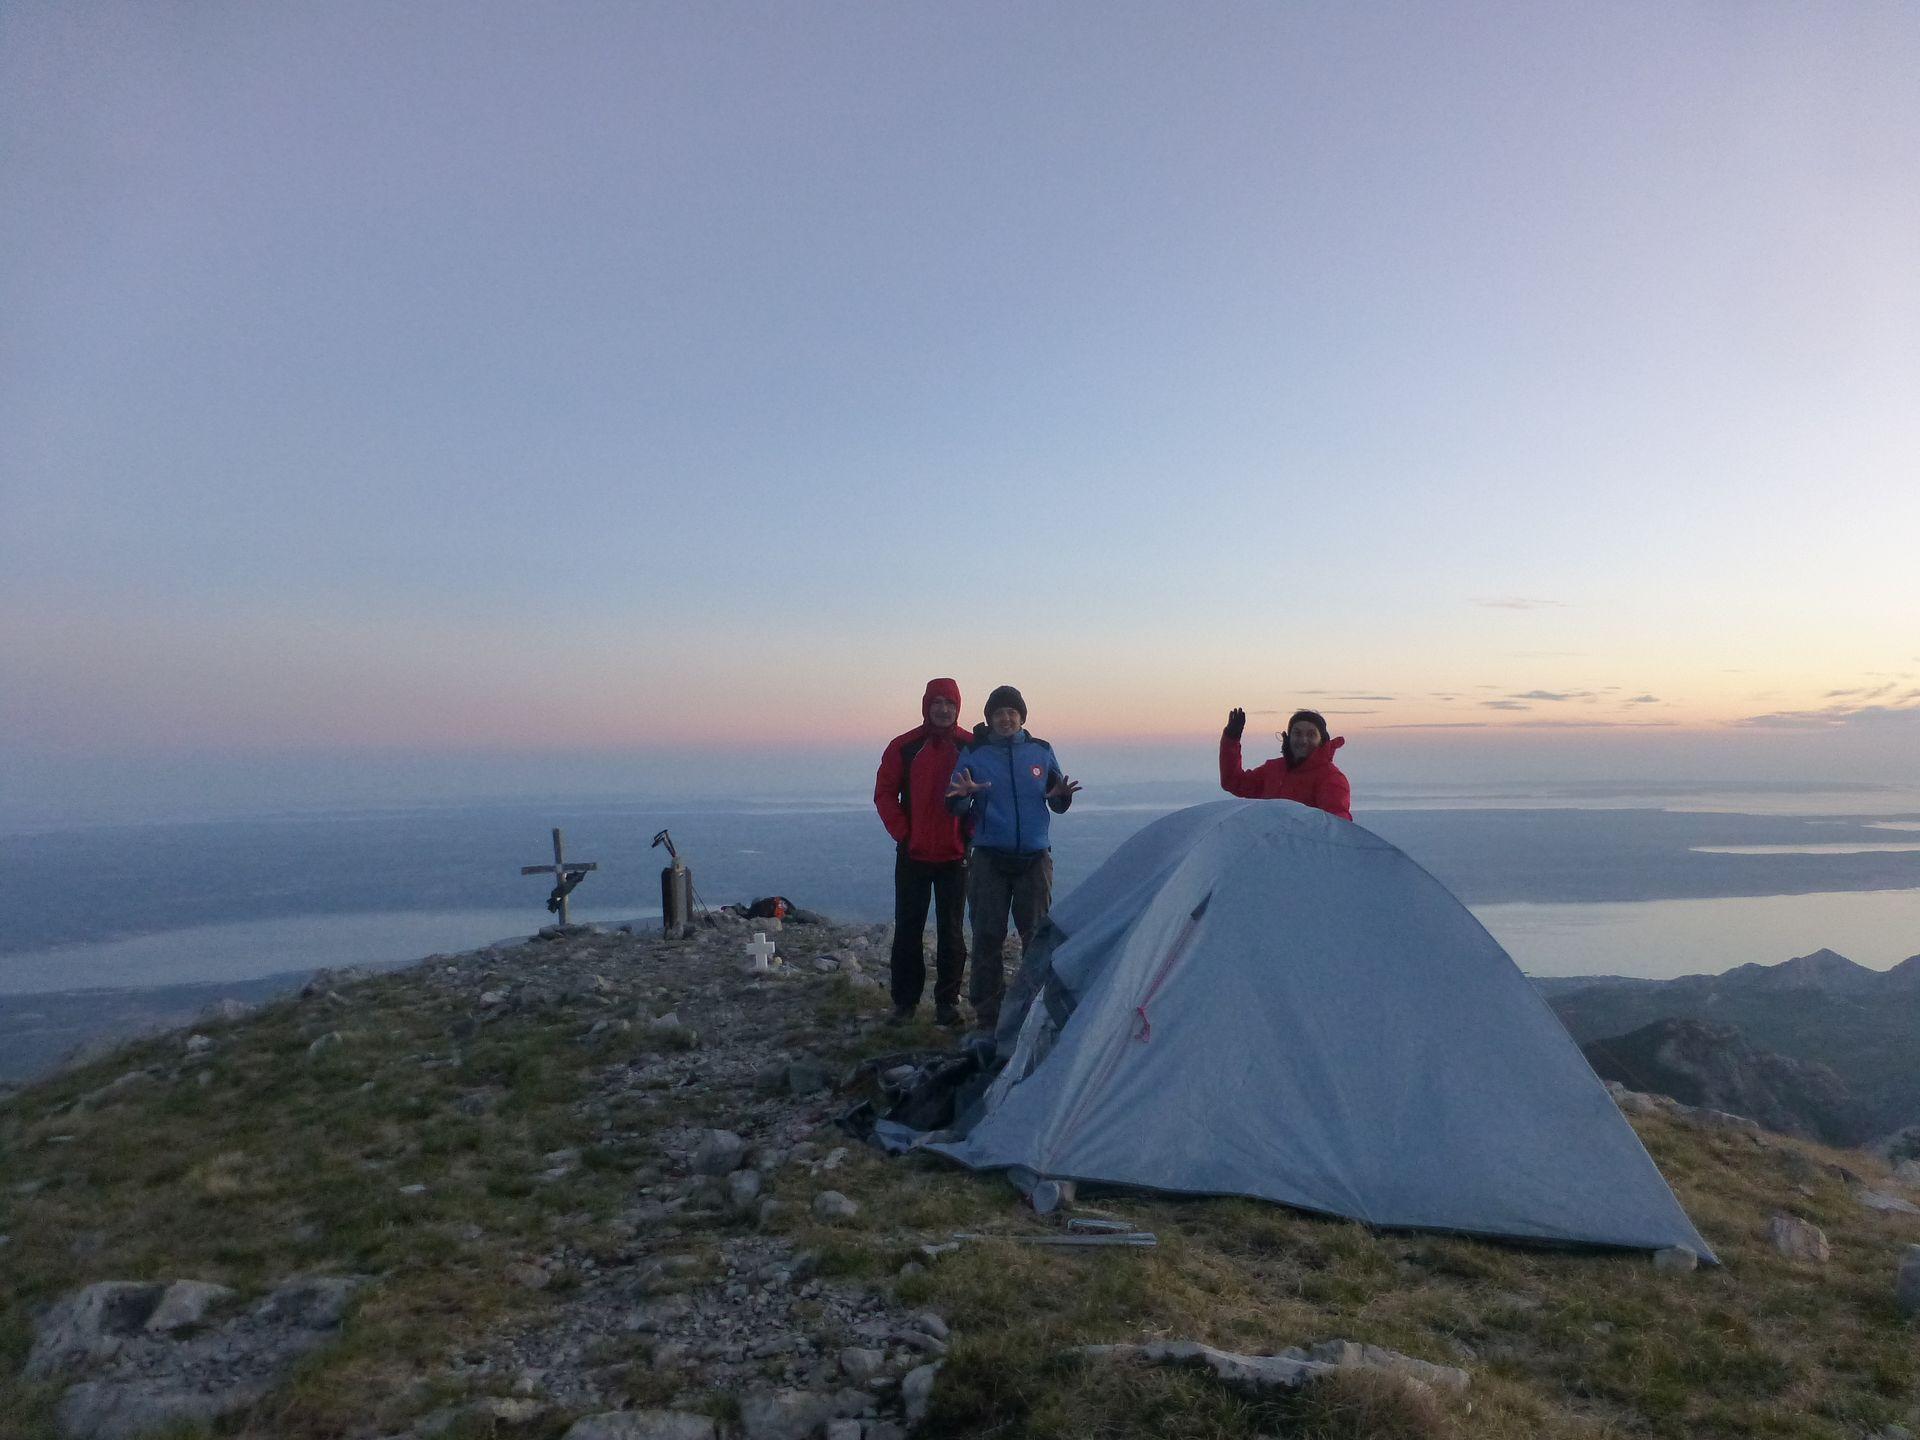 Spavanje u šatoru na 1751 metar visokom Svetom brdu najmarkantnijem vrhu Velebita